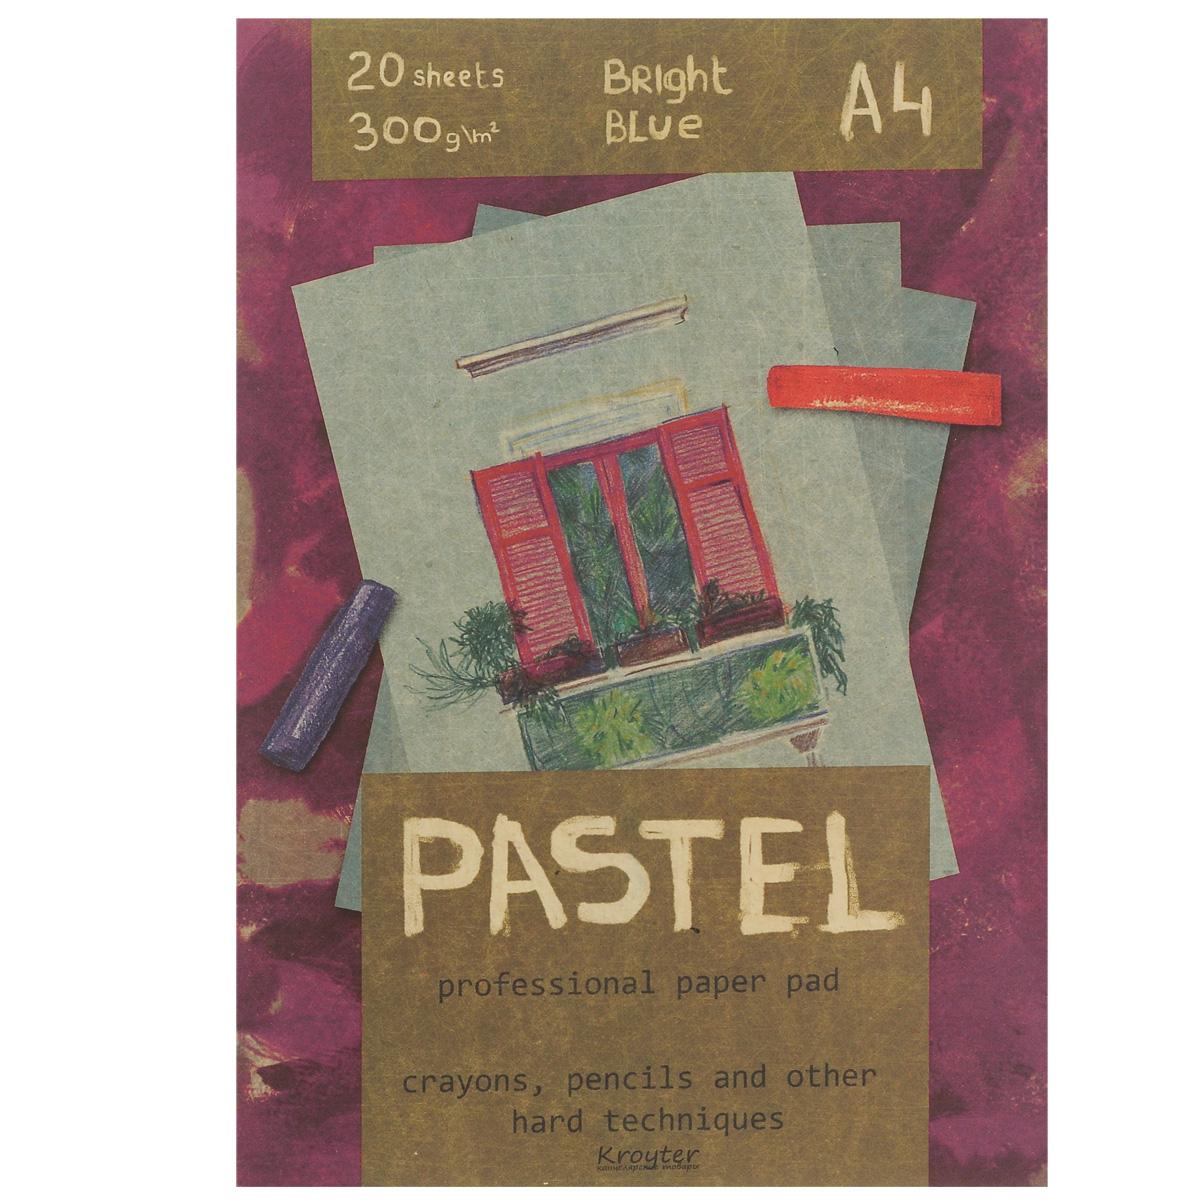 Альбом для пастели Kroyter, 20 листов, формат А406500Альбом Kroyter используется для рисования пастелью, мелками, углем. После грунтовки можно использовать для акриловых и масляных красок. Внутренний блок состоит из 20 листов картона голубого цвета. Крепление блока - склейка, выполненная по технологии, позволяющей изымать листы из блока без его разрушения. Твердая подложка позволяет использовать альбом вне класса или дома. Формат листов - А4.Плотность: 300 г/м2.